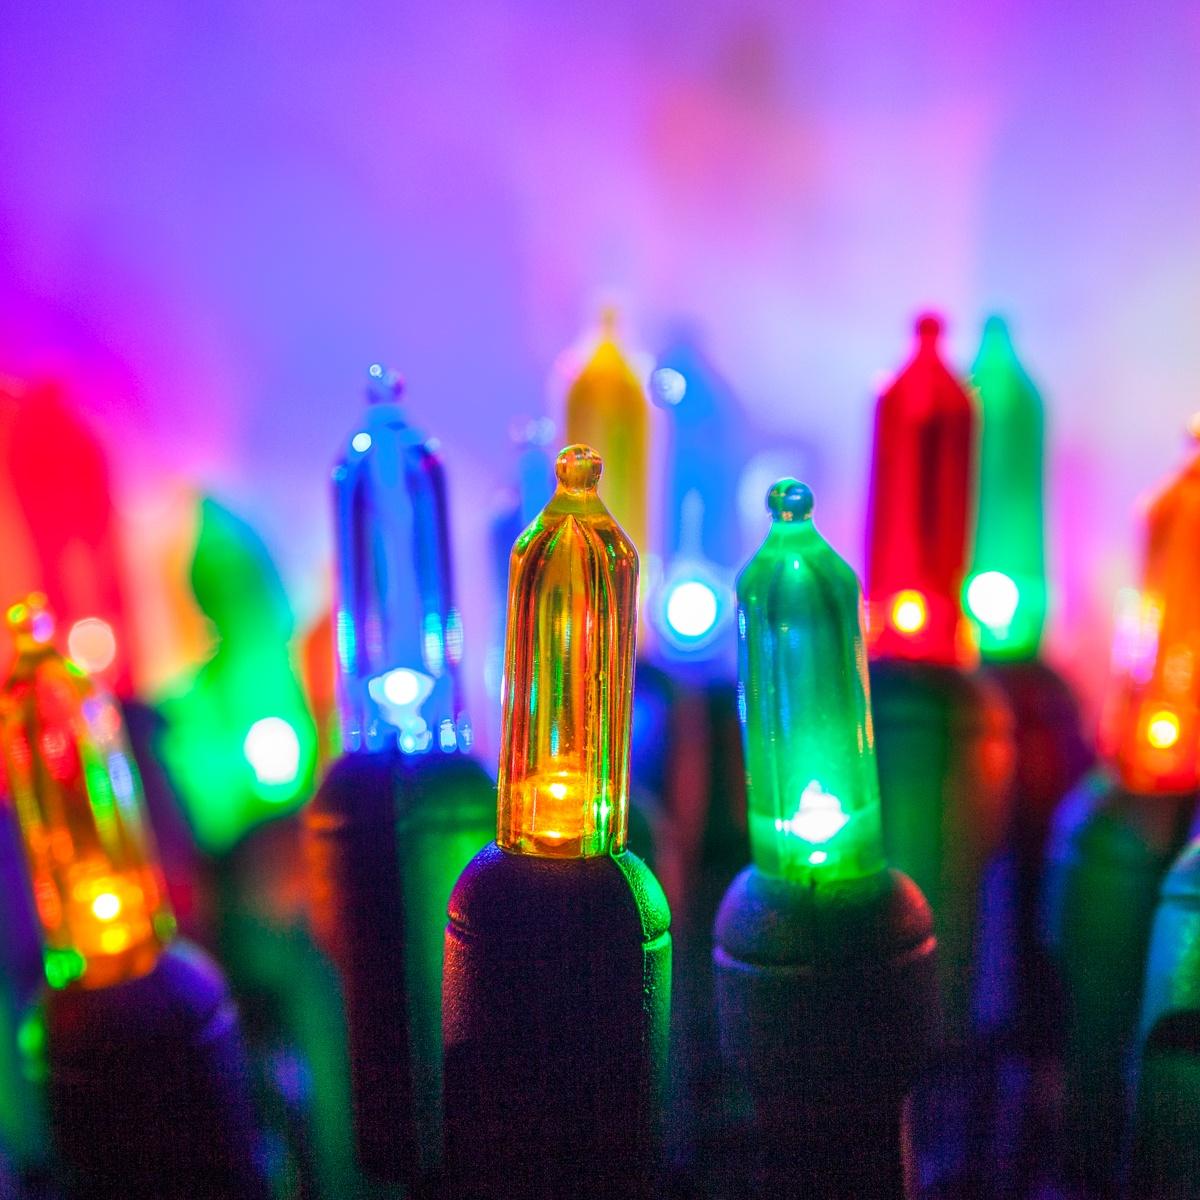 LED Christmas Lights - 50 T5 Multi Color LED Christmas Tree Lights ...